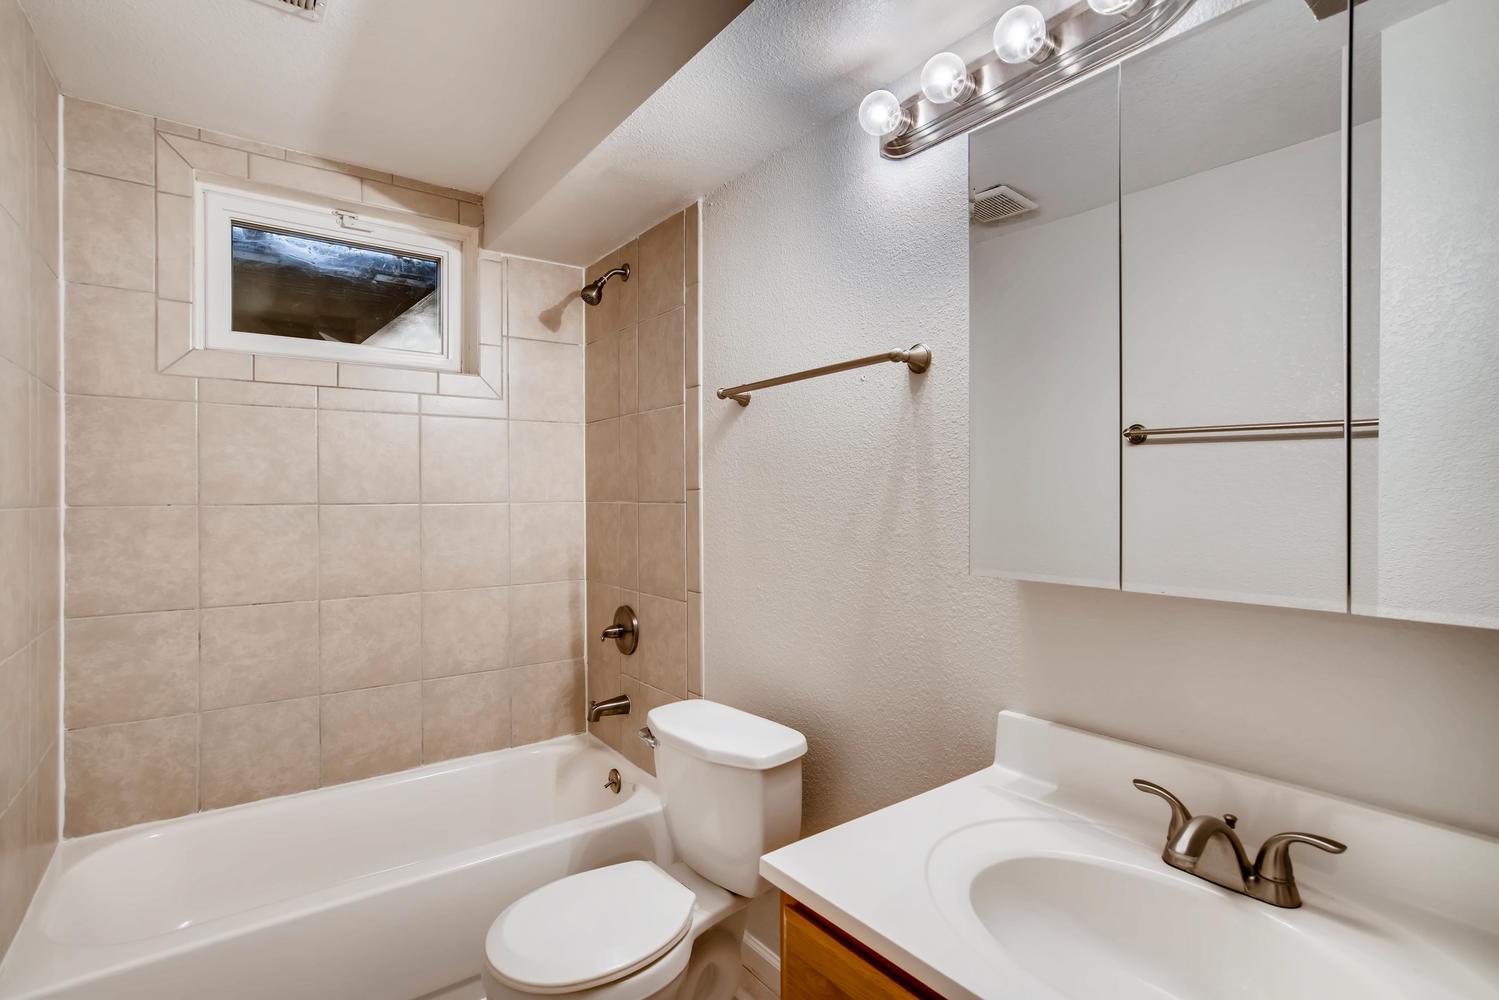 REAL ESTATE LISTING: 13040 Pensacola Place Denver Basement Bathroom